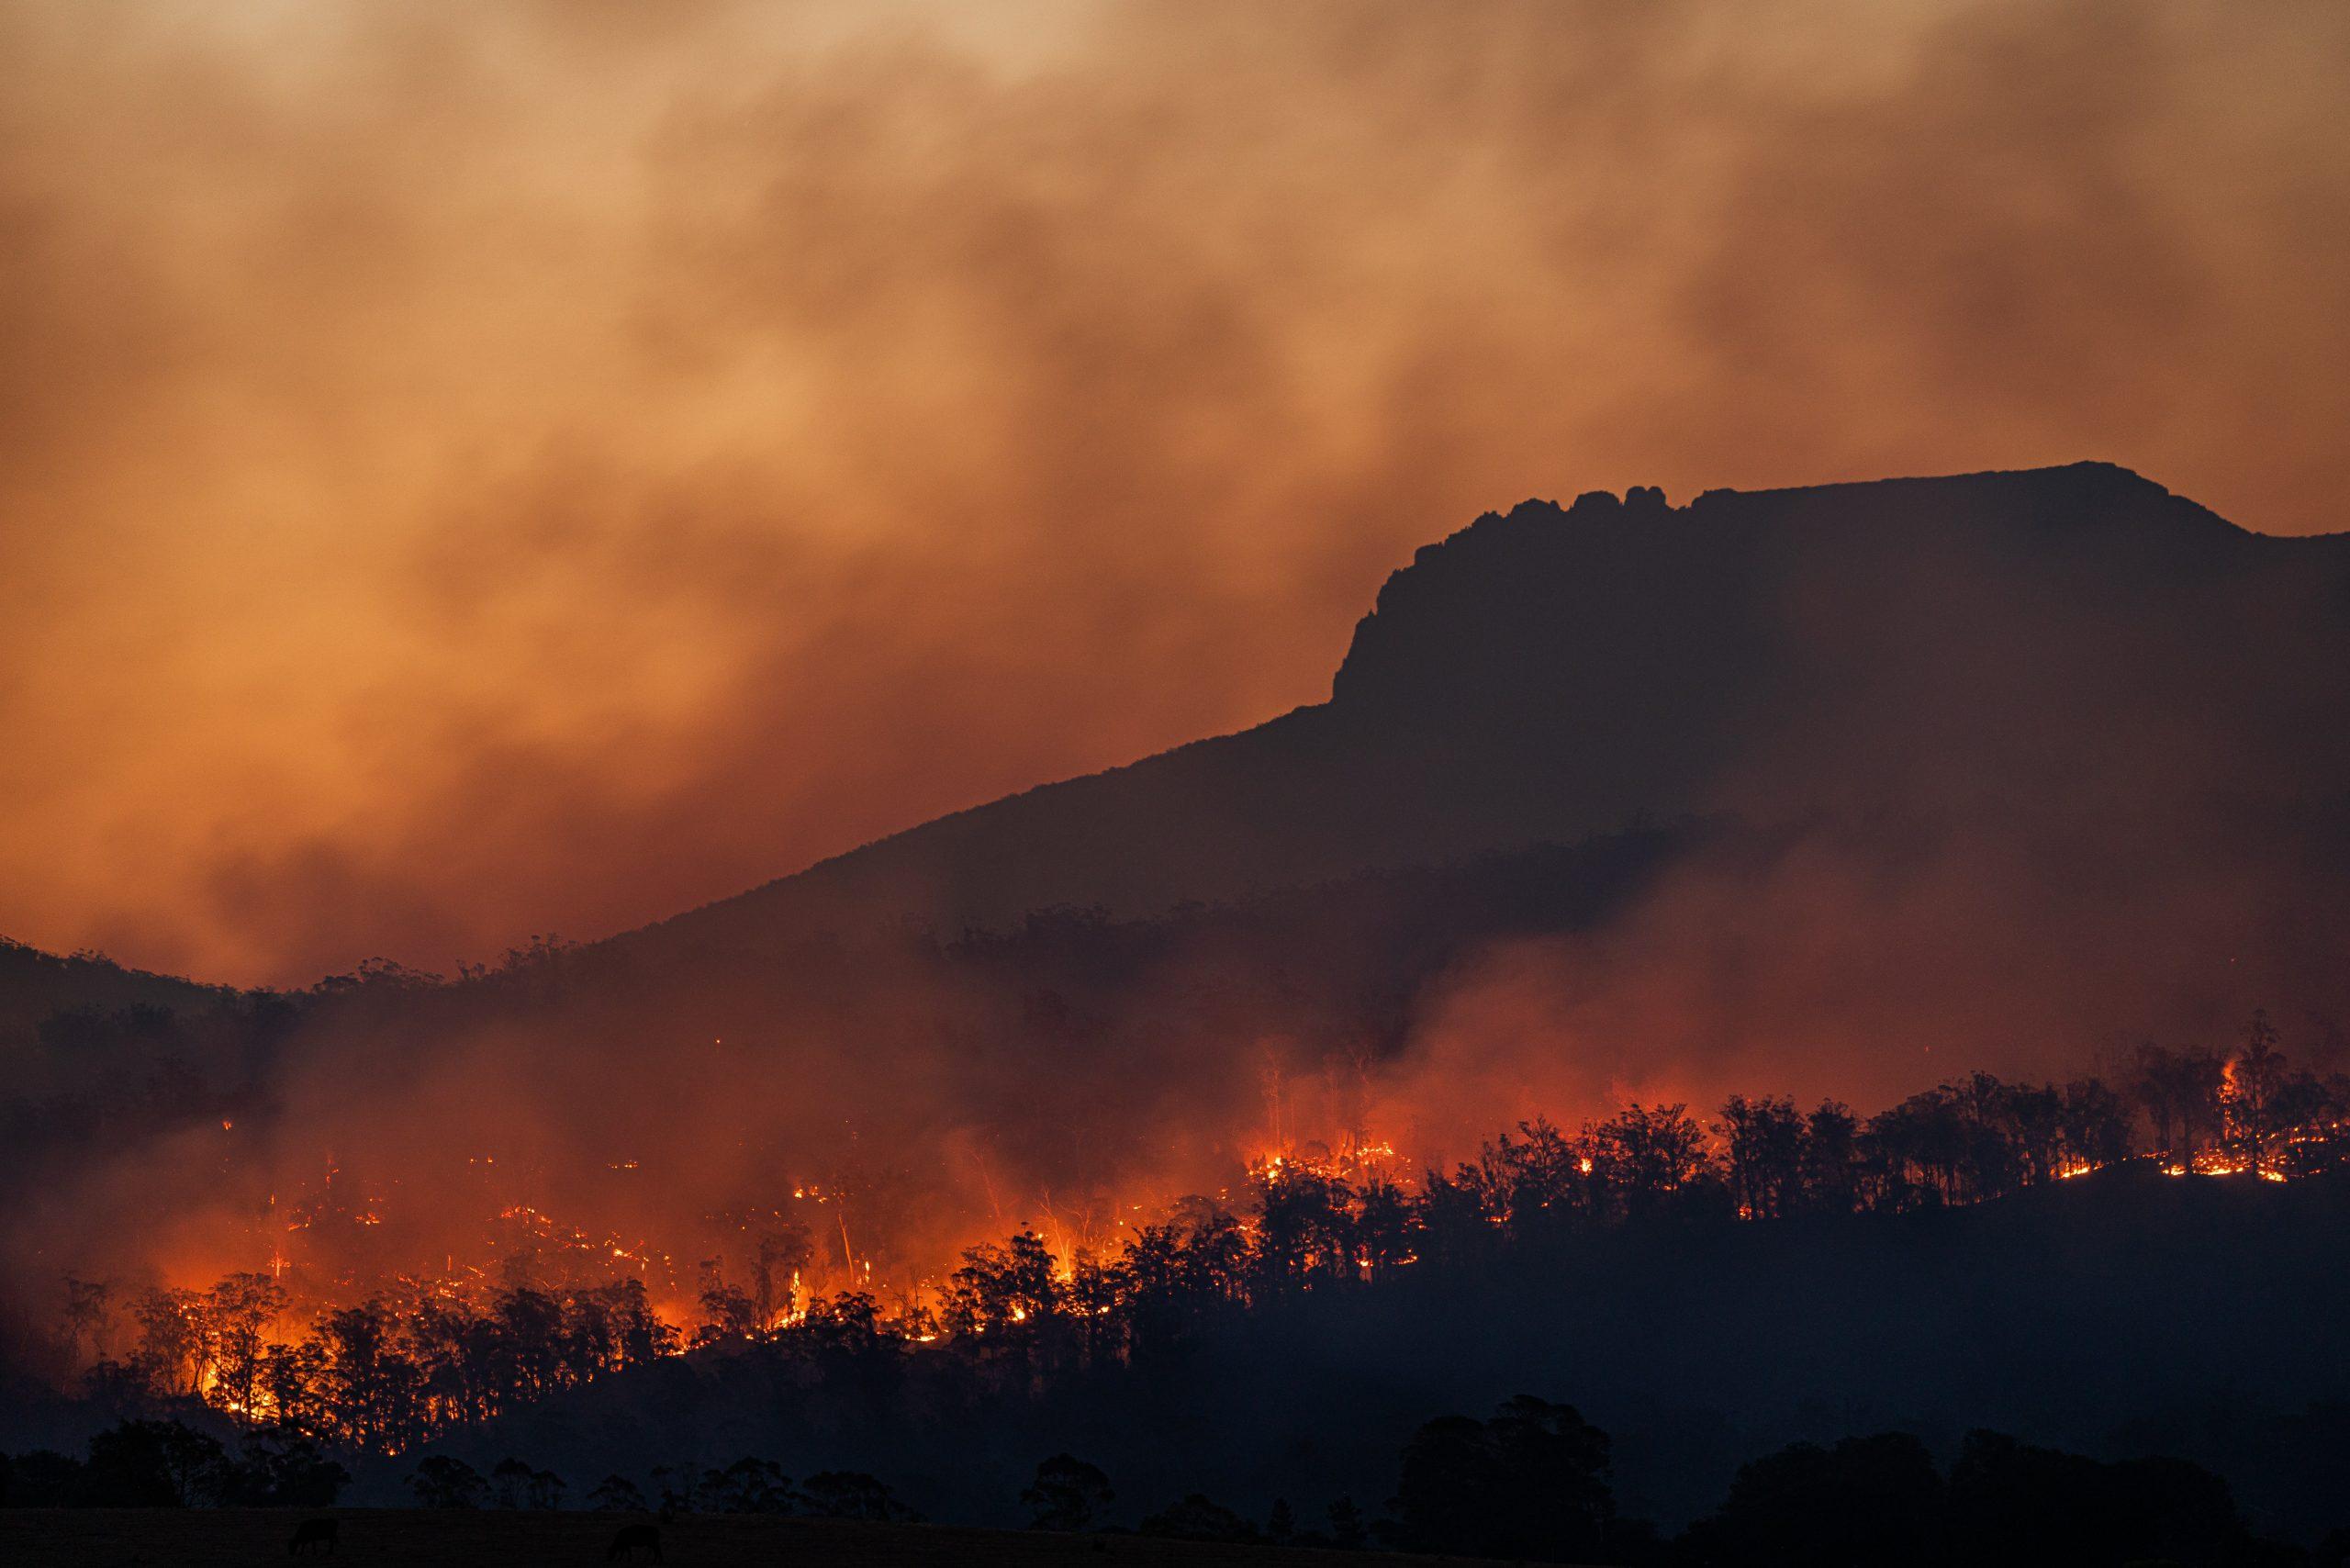 Gambar 1. Kebakaran Hutan